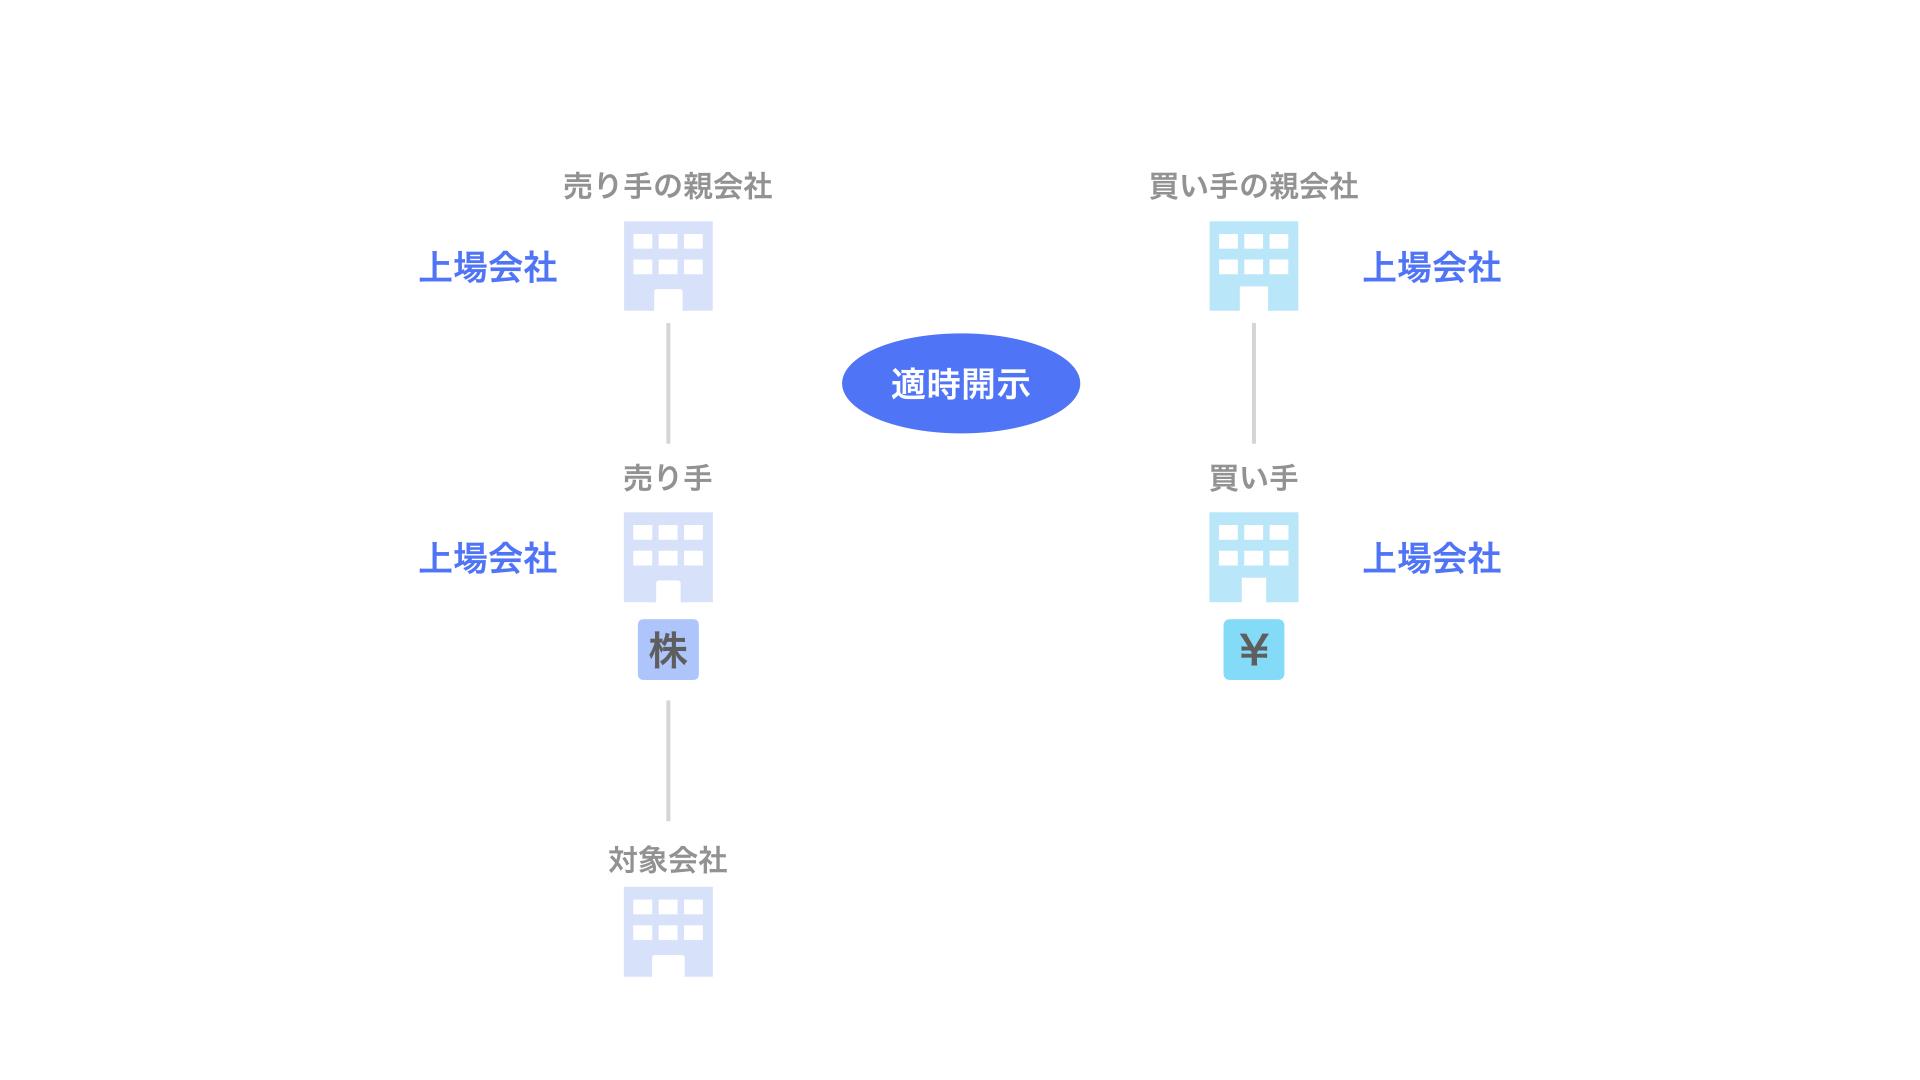 3-1. 有価証券報告書提出会社における臨時報告書の提出